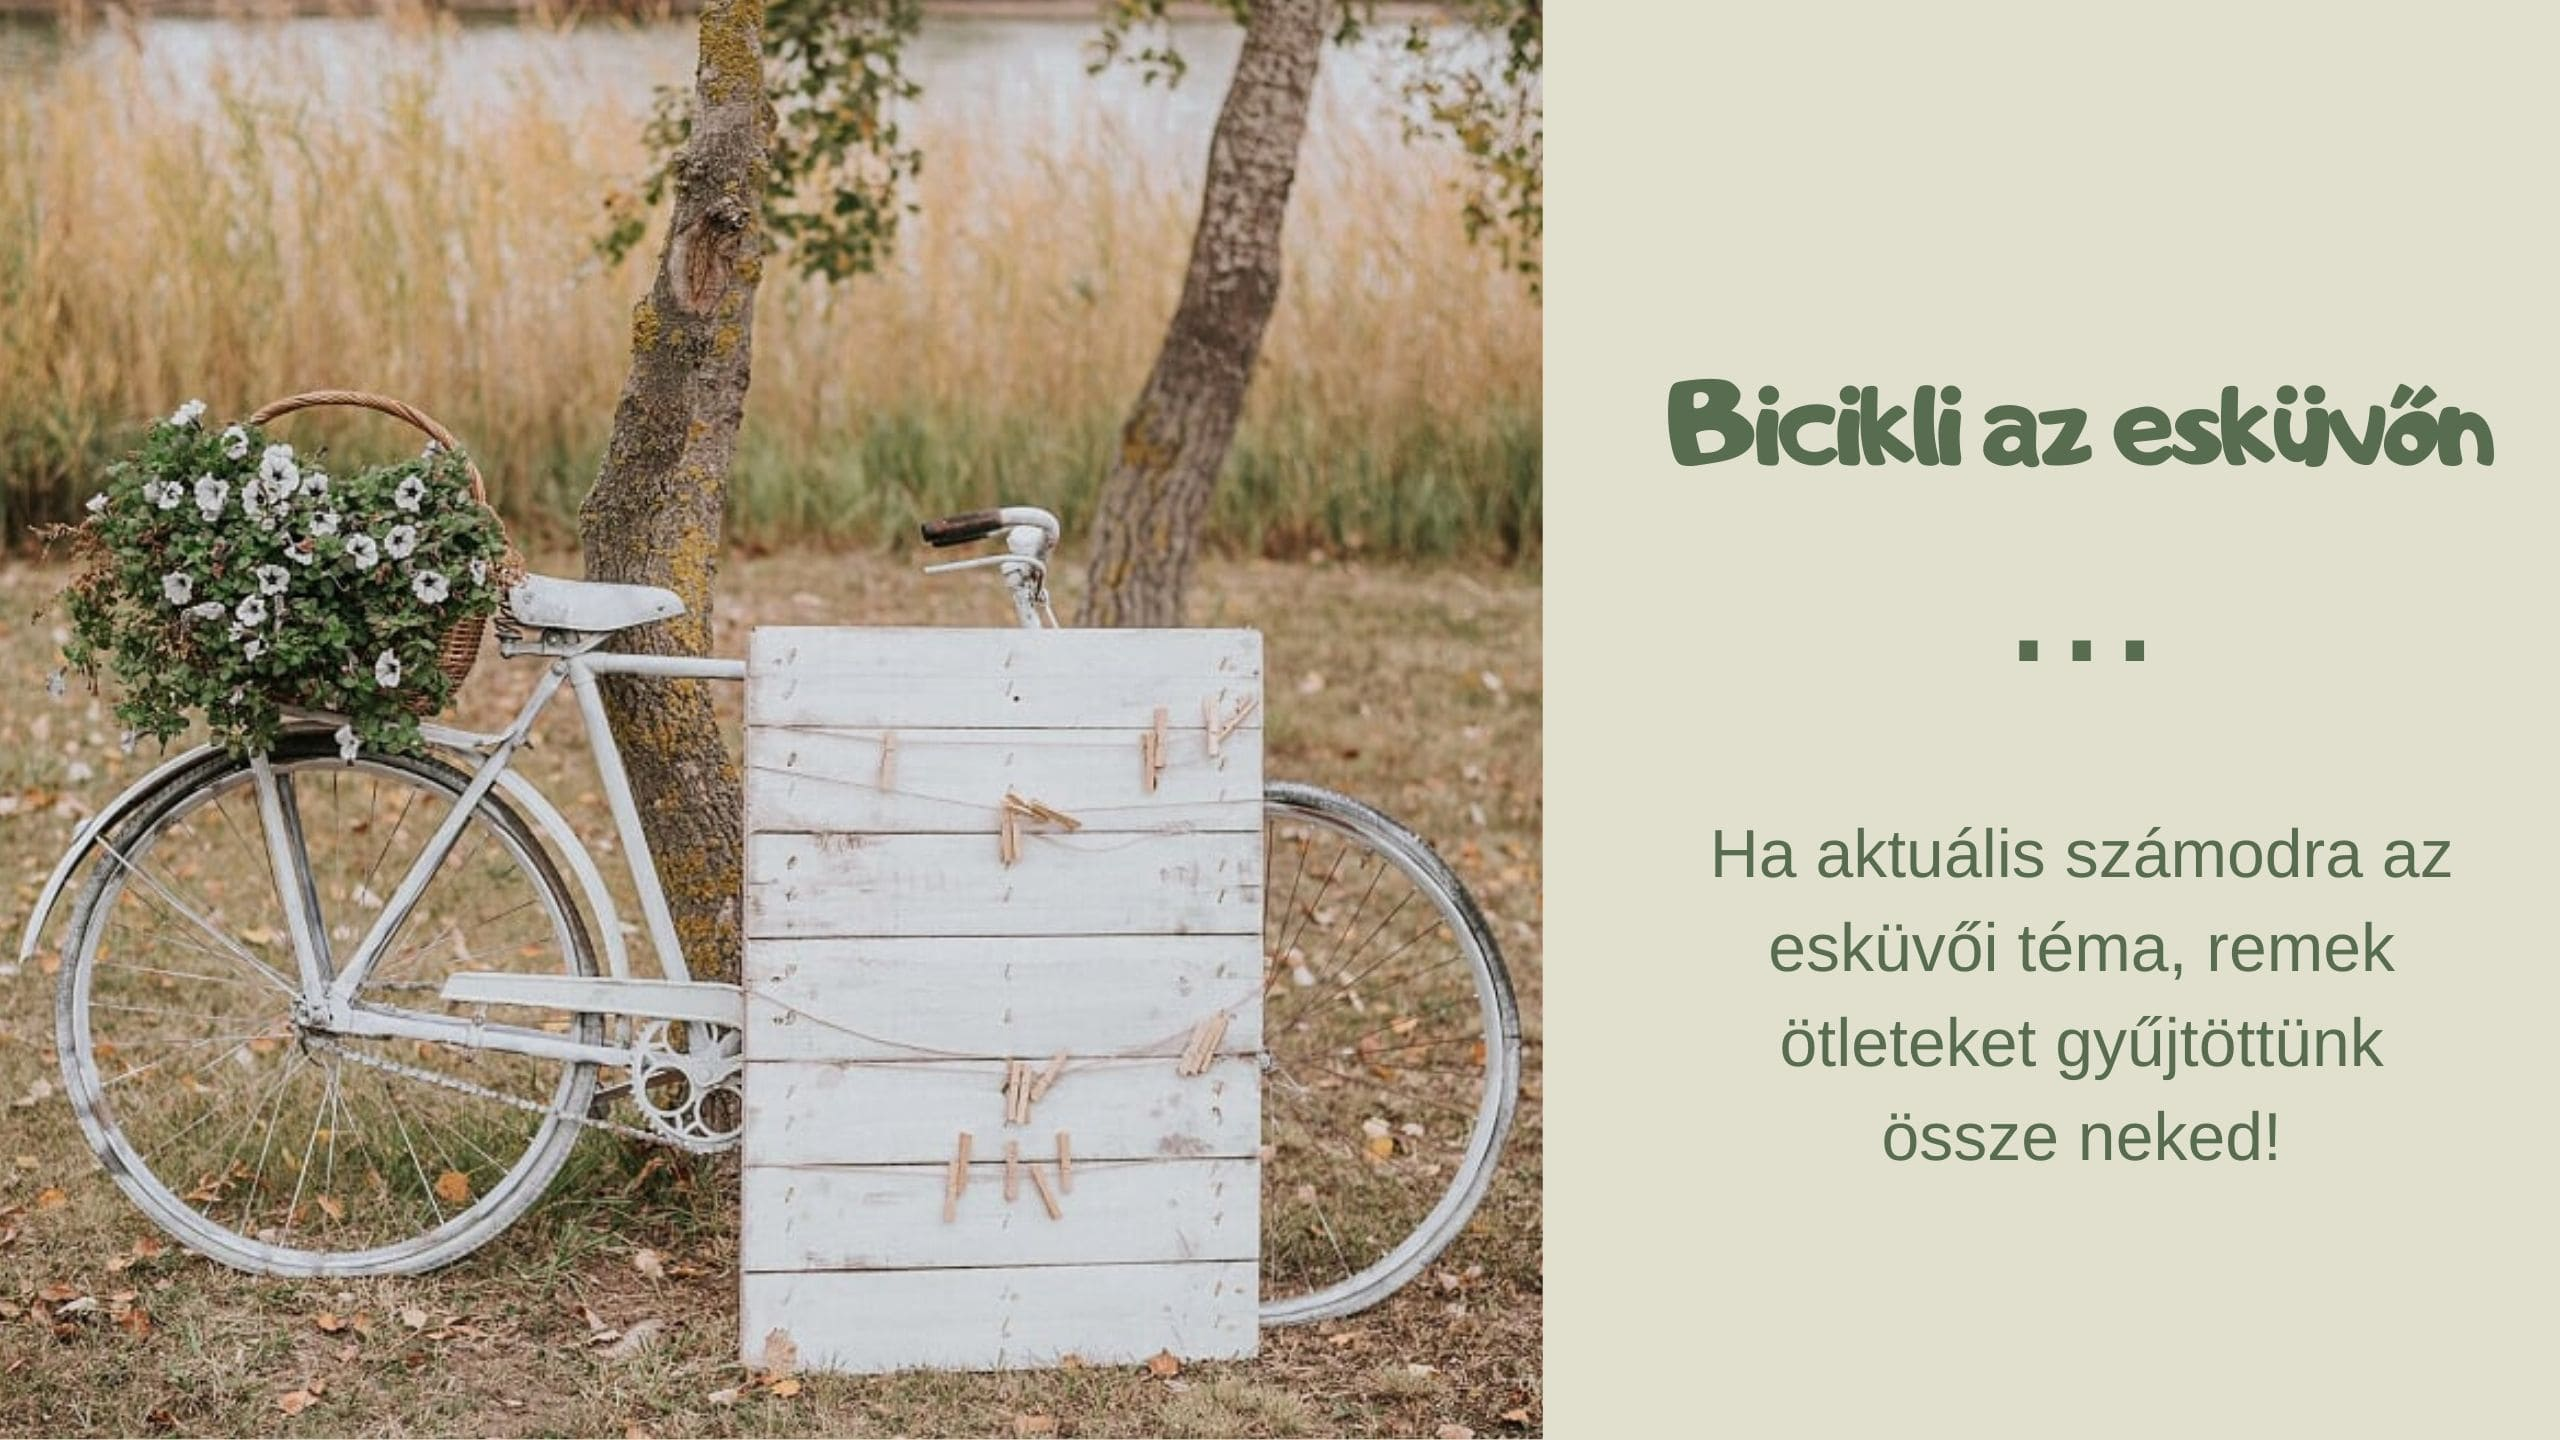 Bicikli egy esküvőn? Miért ne!